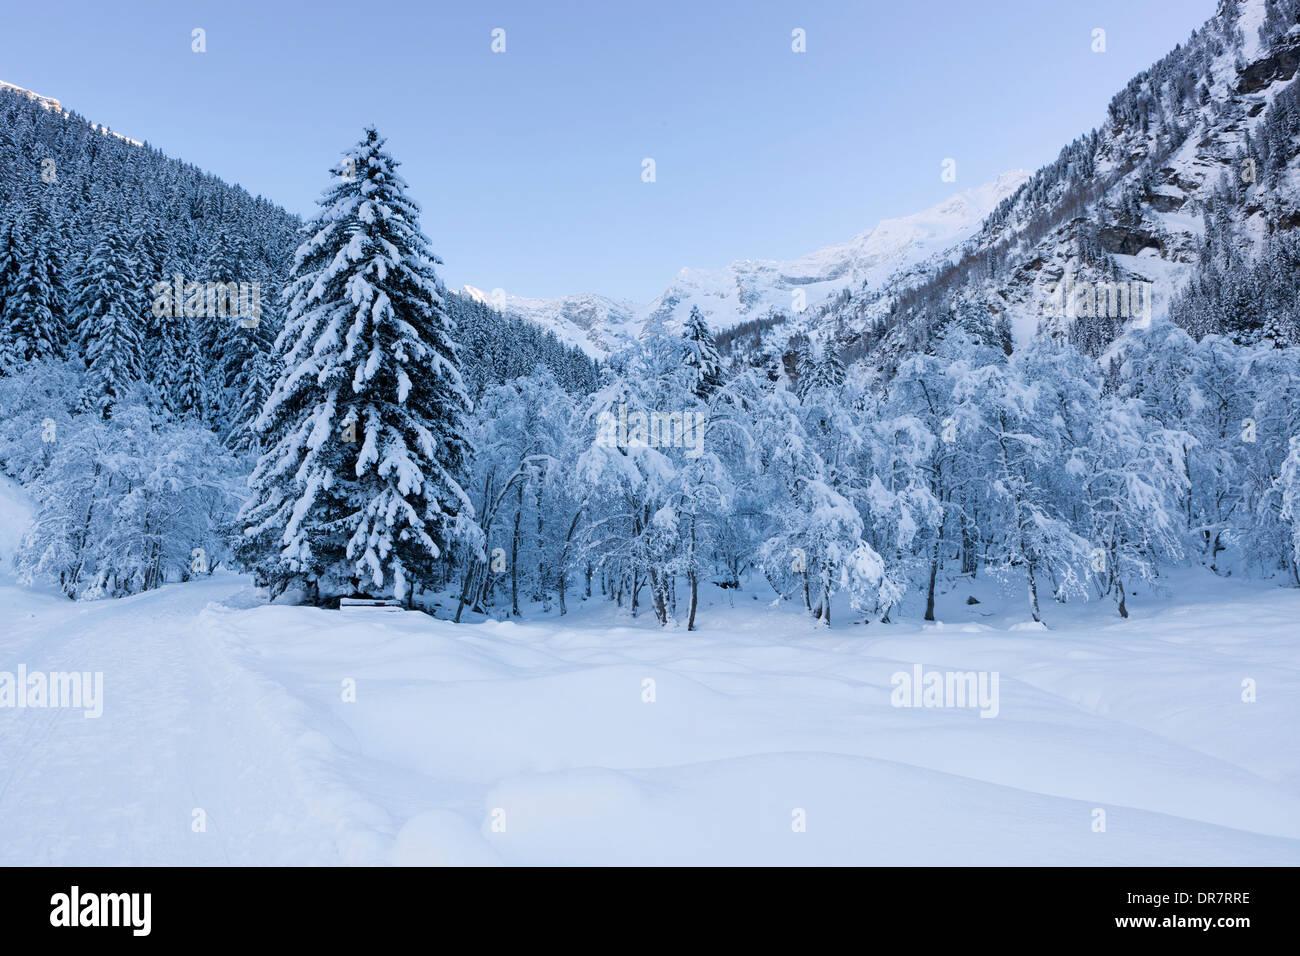 Winter forest in Vals Valley, Vals, Steinach, Wipptal, Tyrol, Austria Stock Photo